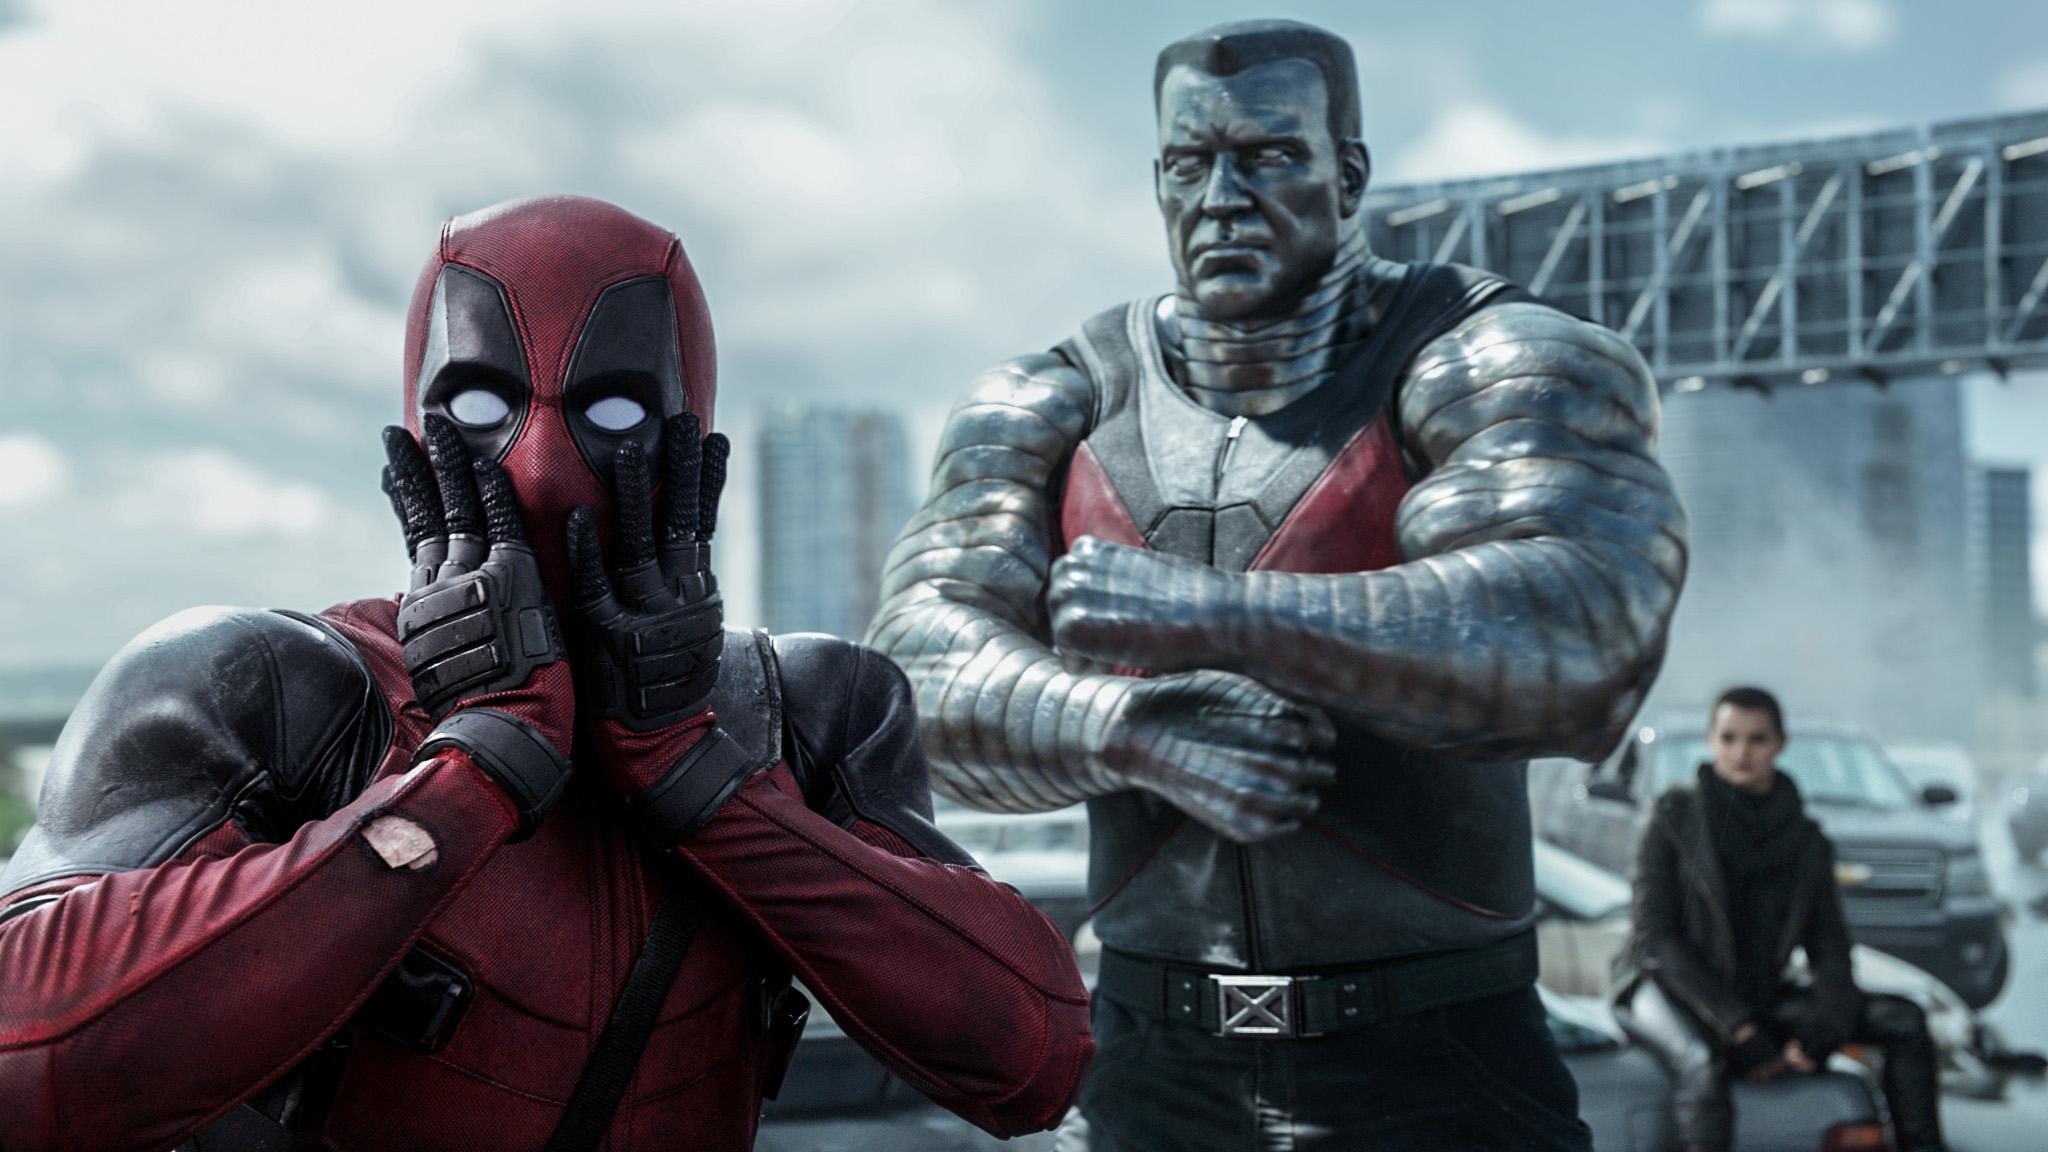 Deadpool wyraźnie zaskoczony wyróżnieniem